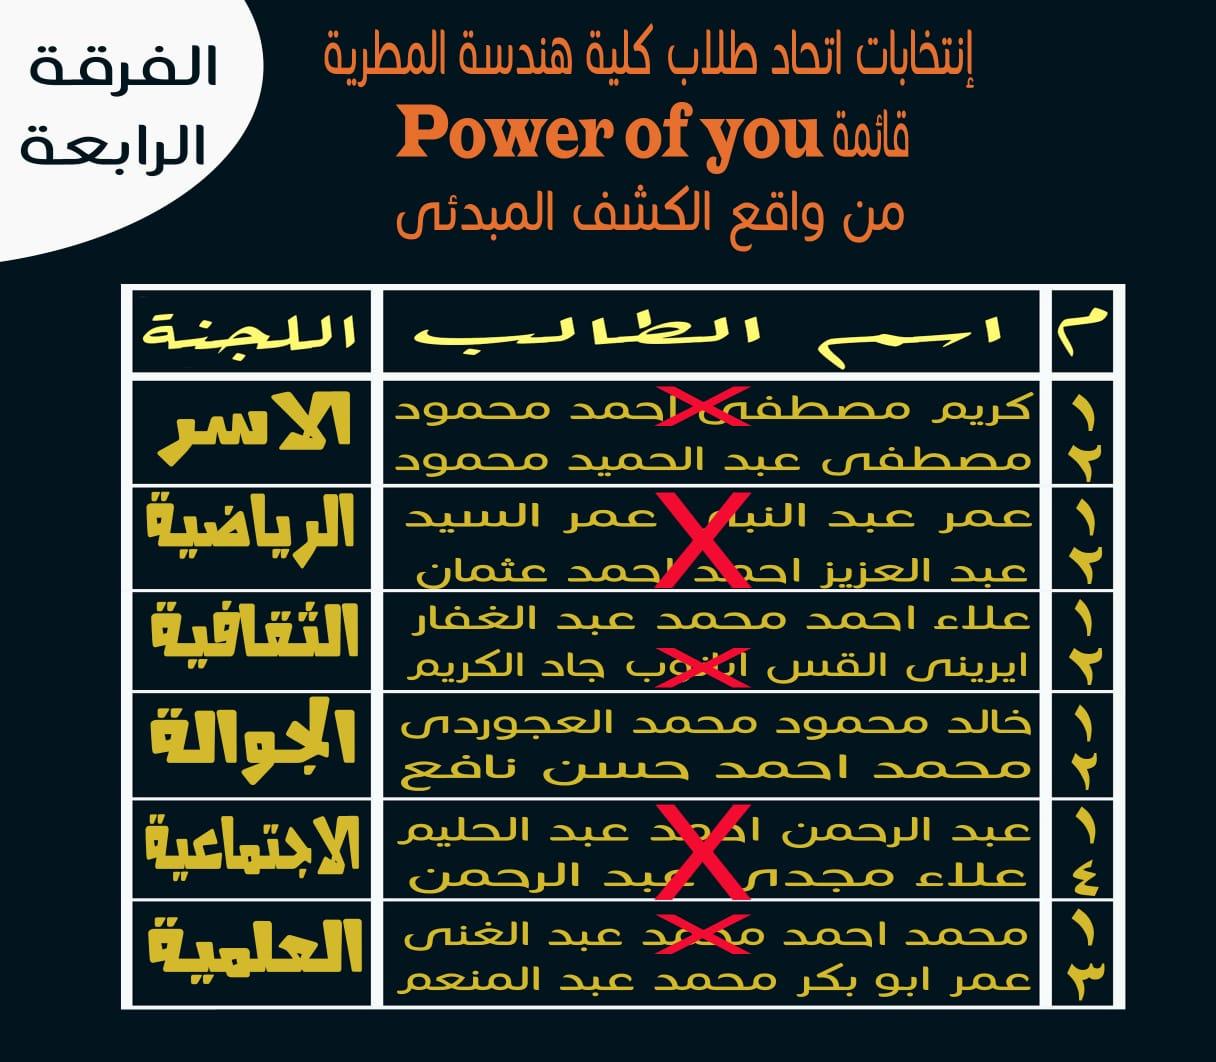 أعضاء قائمة power of you (9)